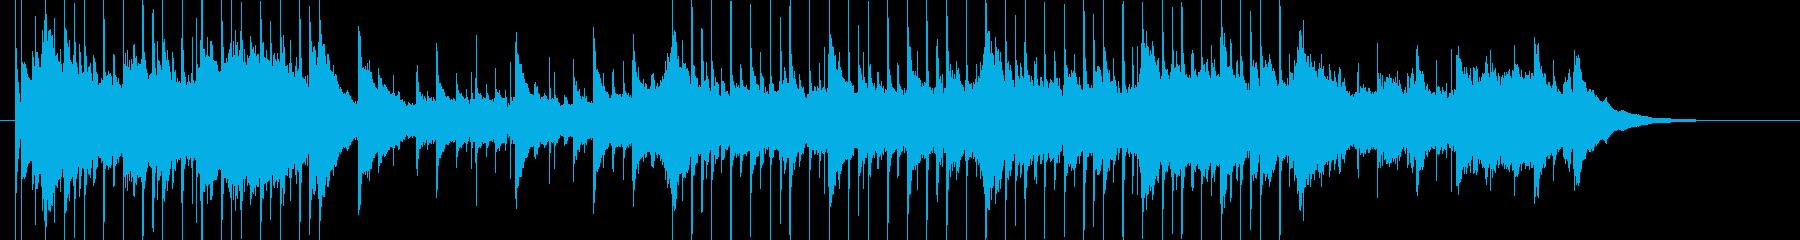 ゆったりとかわいいアメリカ童謡の再生済みの波形